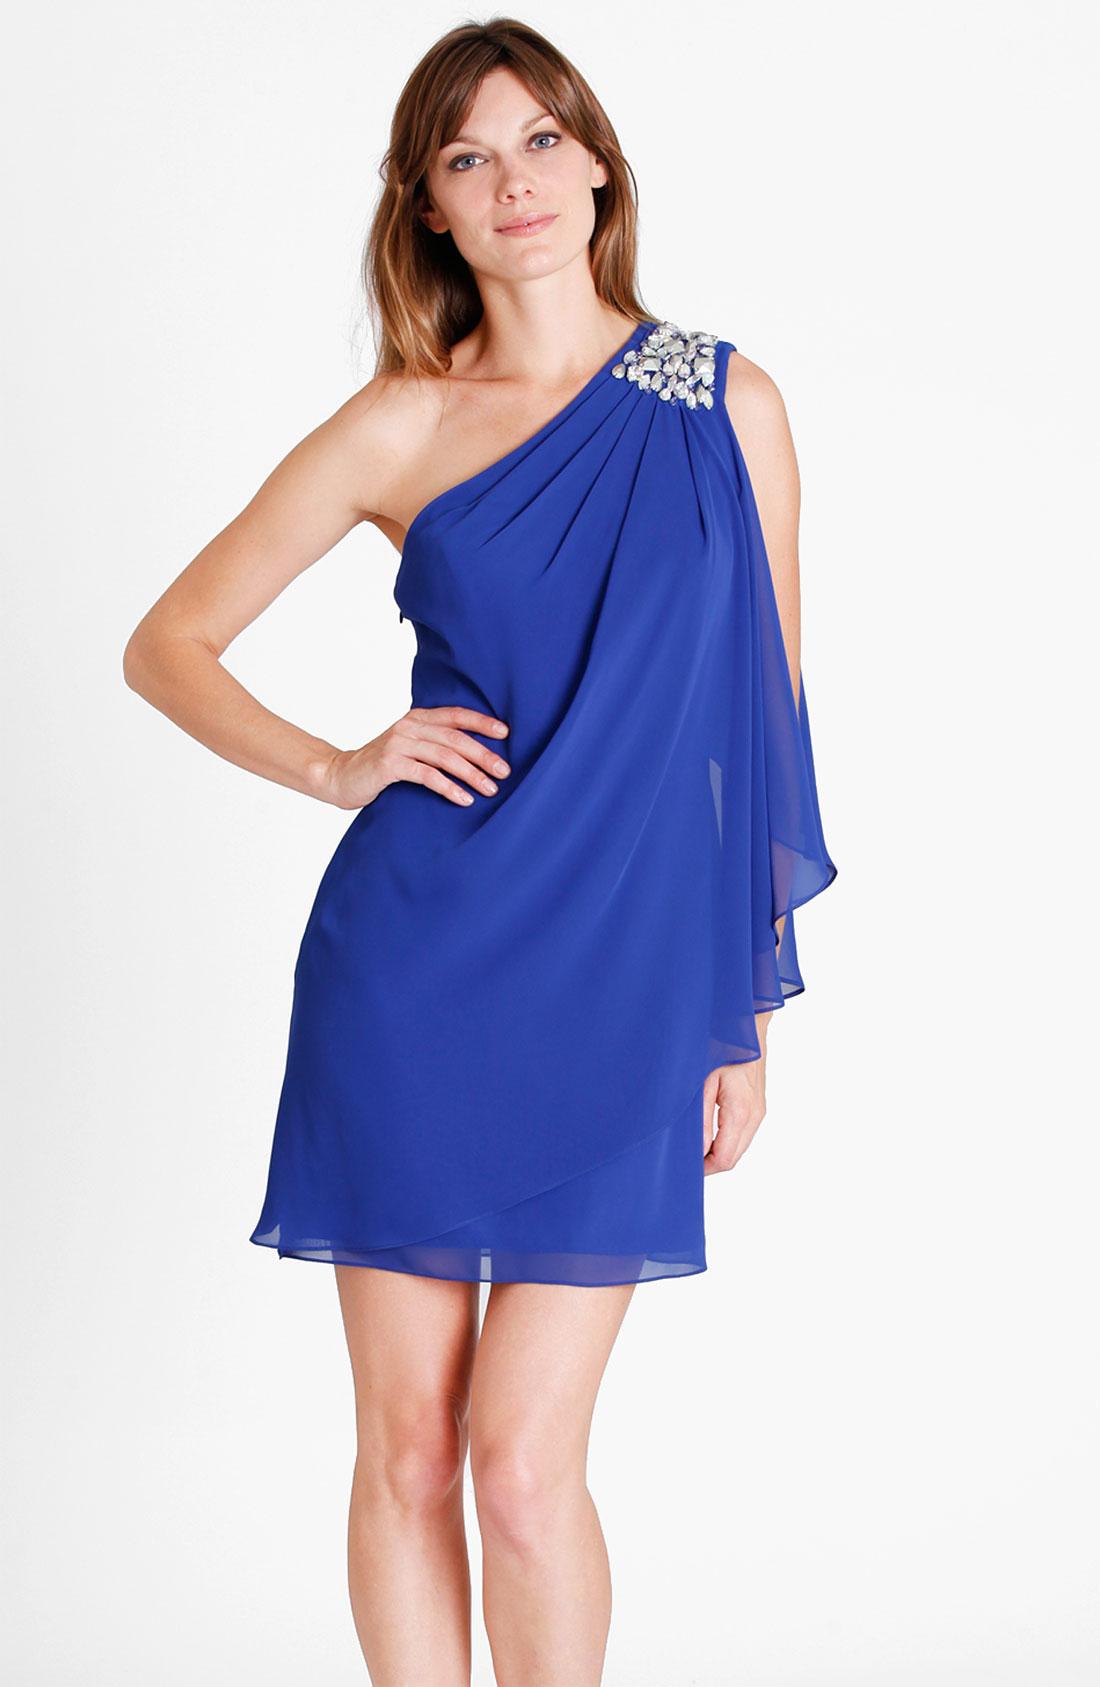 Blue JS Boutique Dresses  Dress images